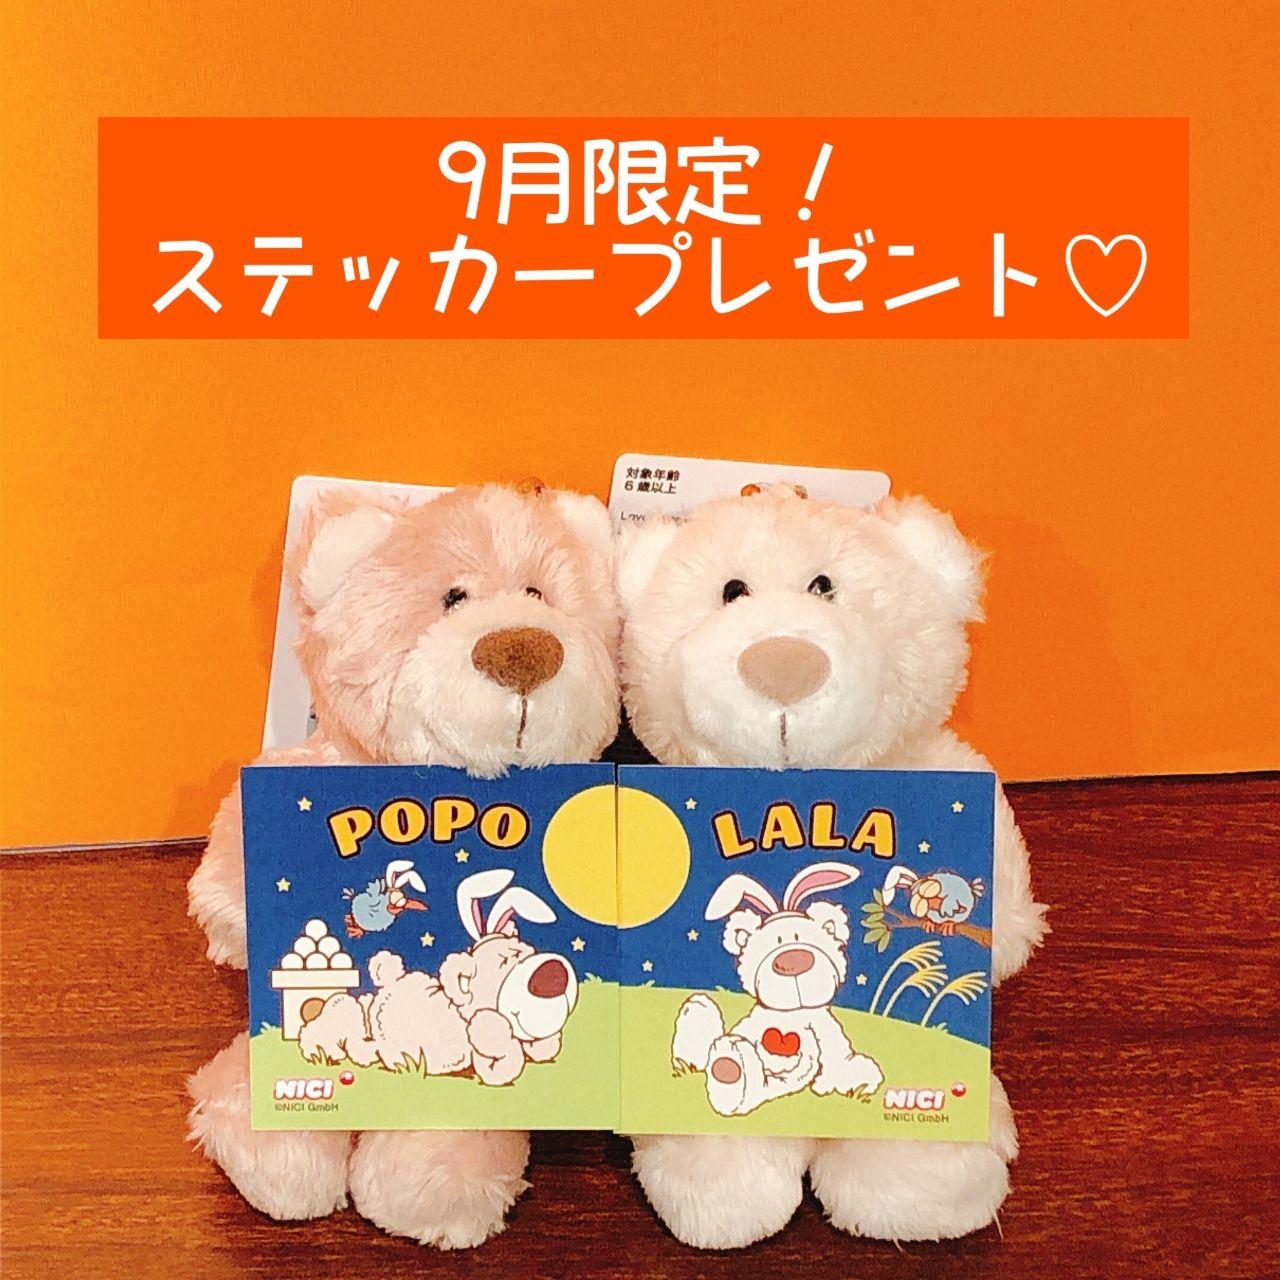 「【先着】NICI♡オリジナルステッカープレゼント」の写真